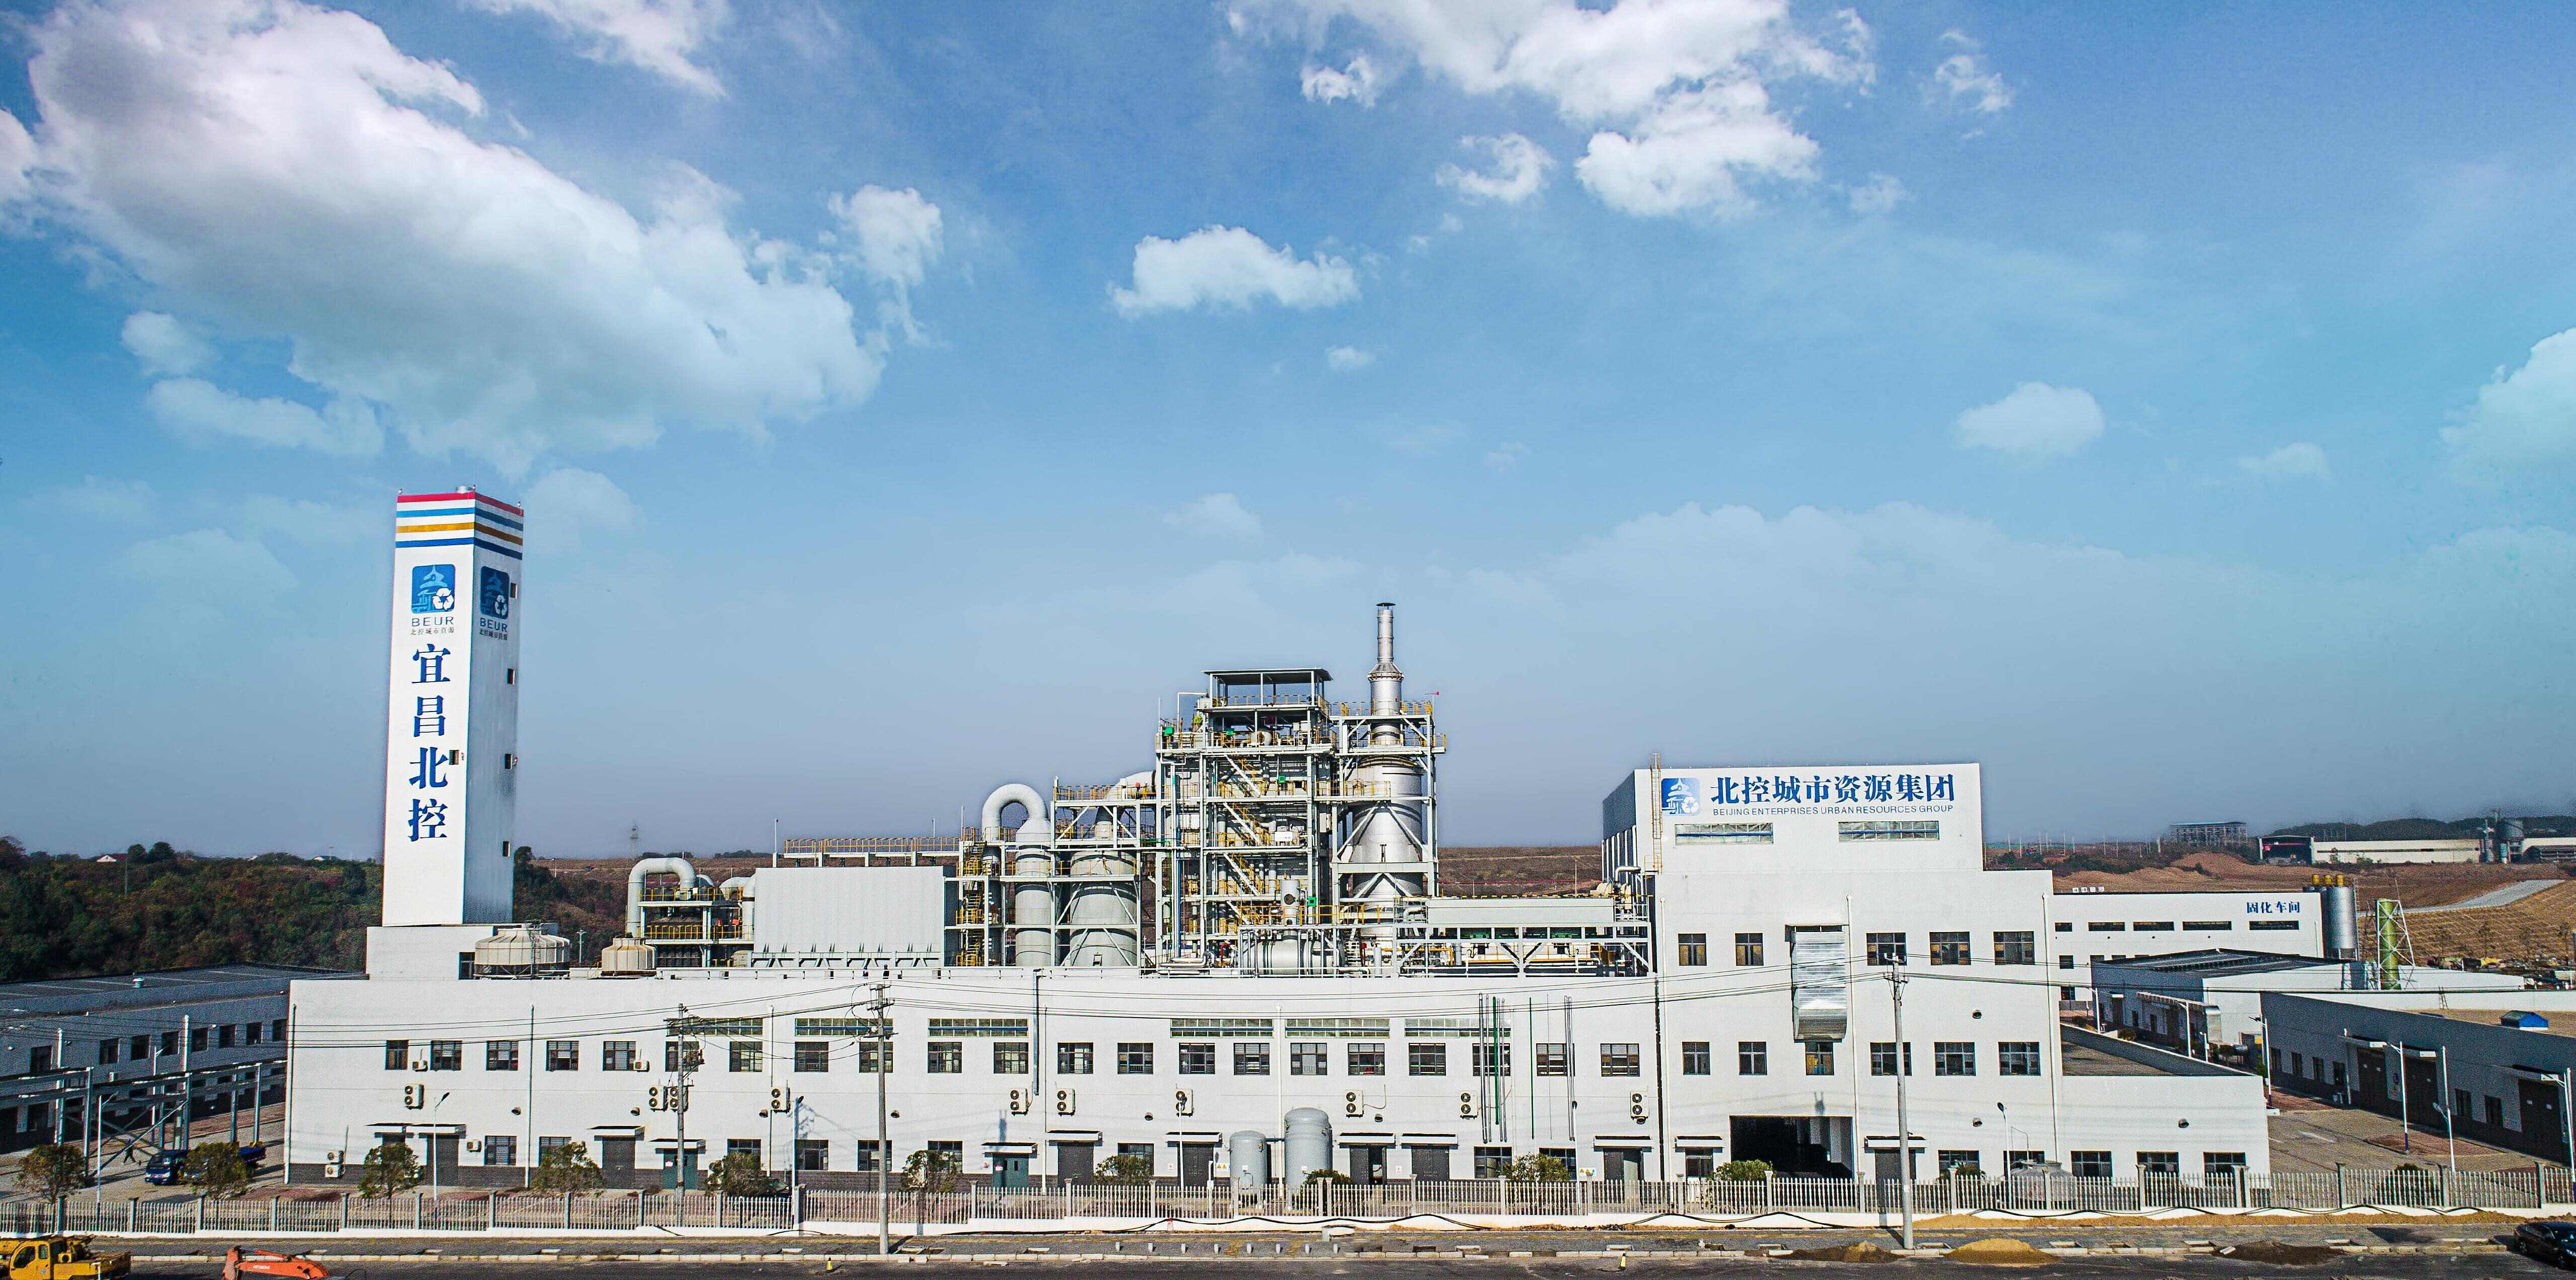 姚家港工业废物处置及资源化项目